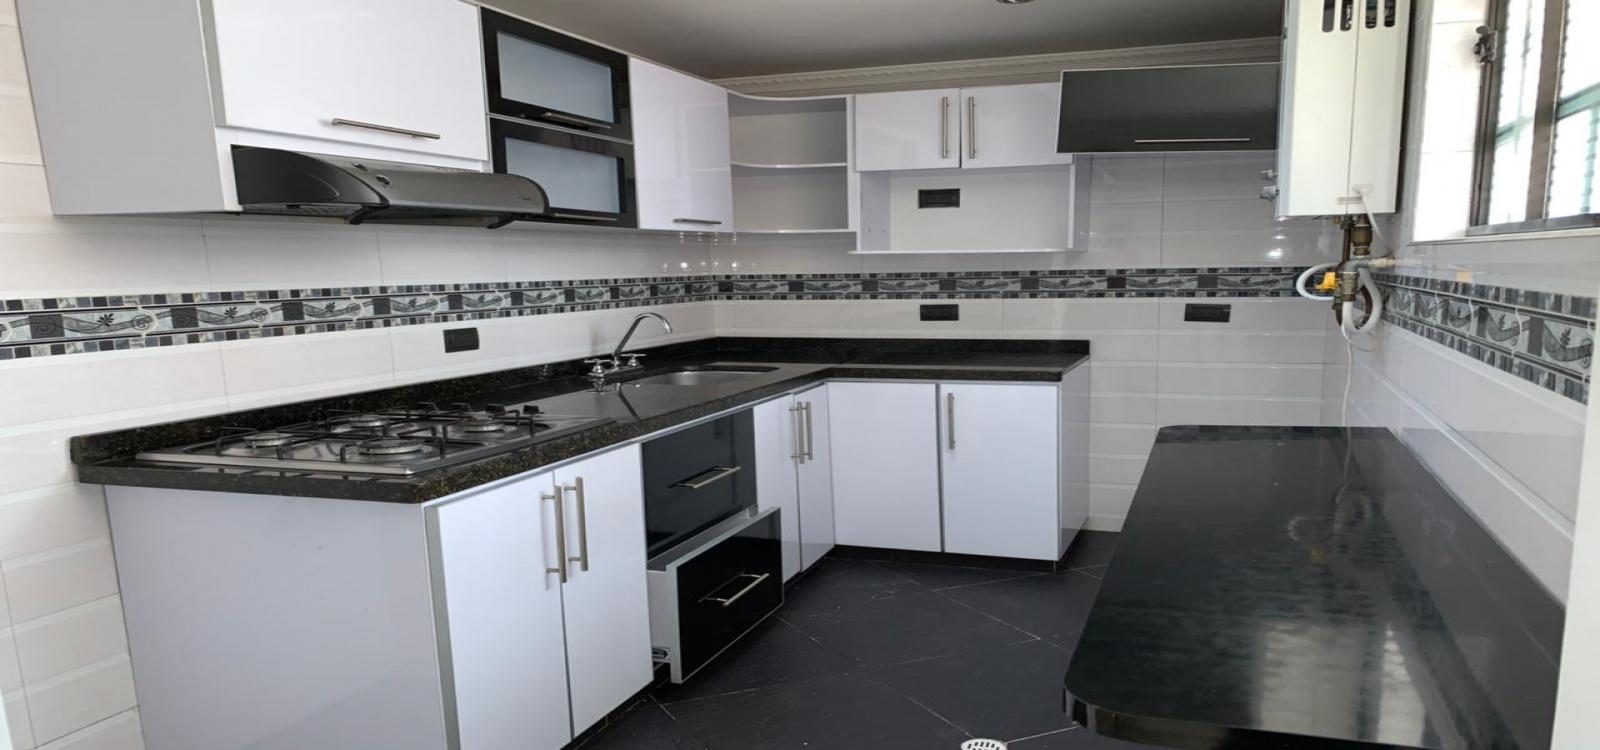 12 -11 6, Bogotá, Sur, Quinta Ramos, 6 Habitaciones Habitaciones,5 BathroomsBathrooms,Casas,Venta,6,2953